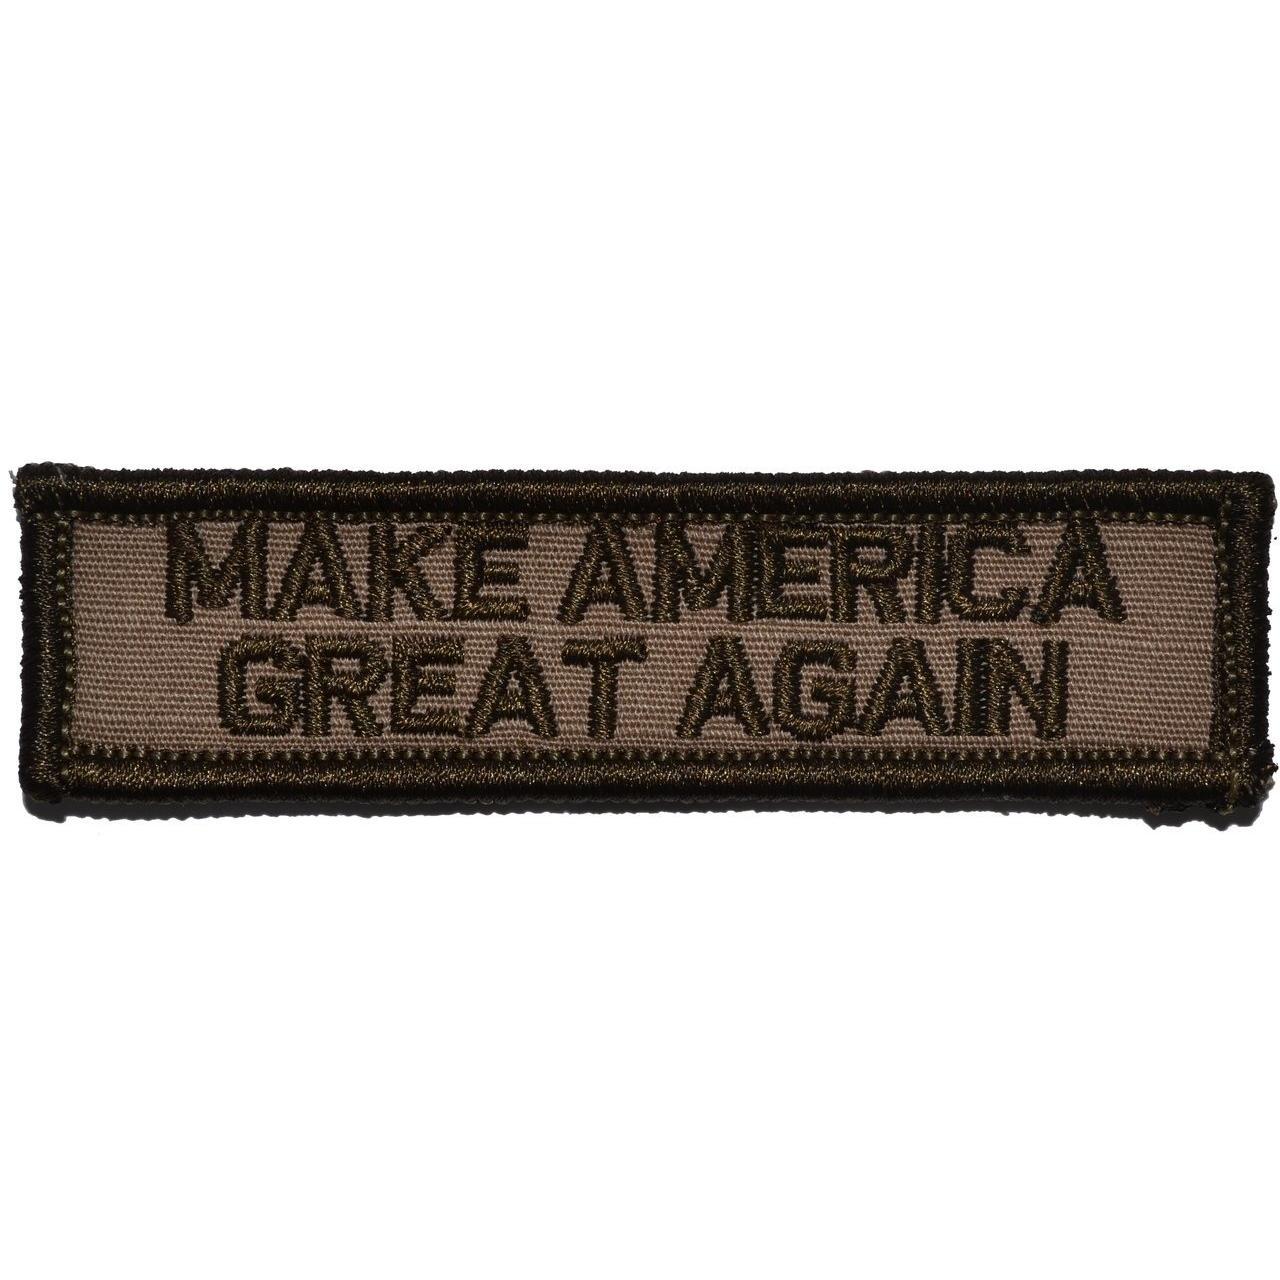 Make America Great Again - 1x3.75 Patch